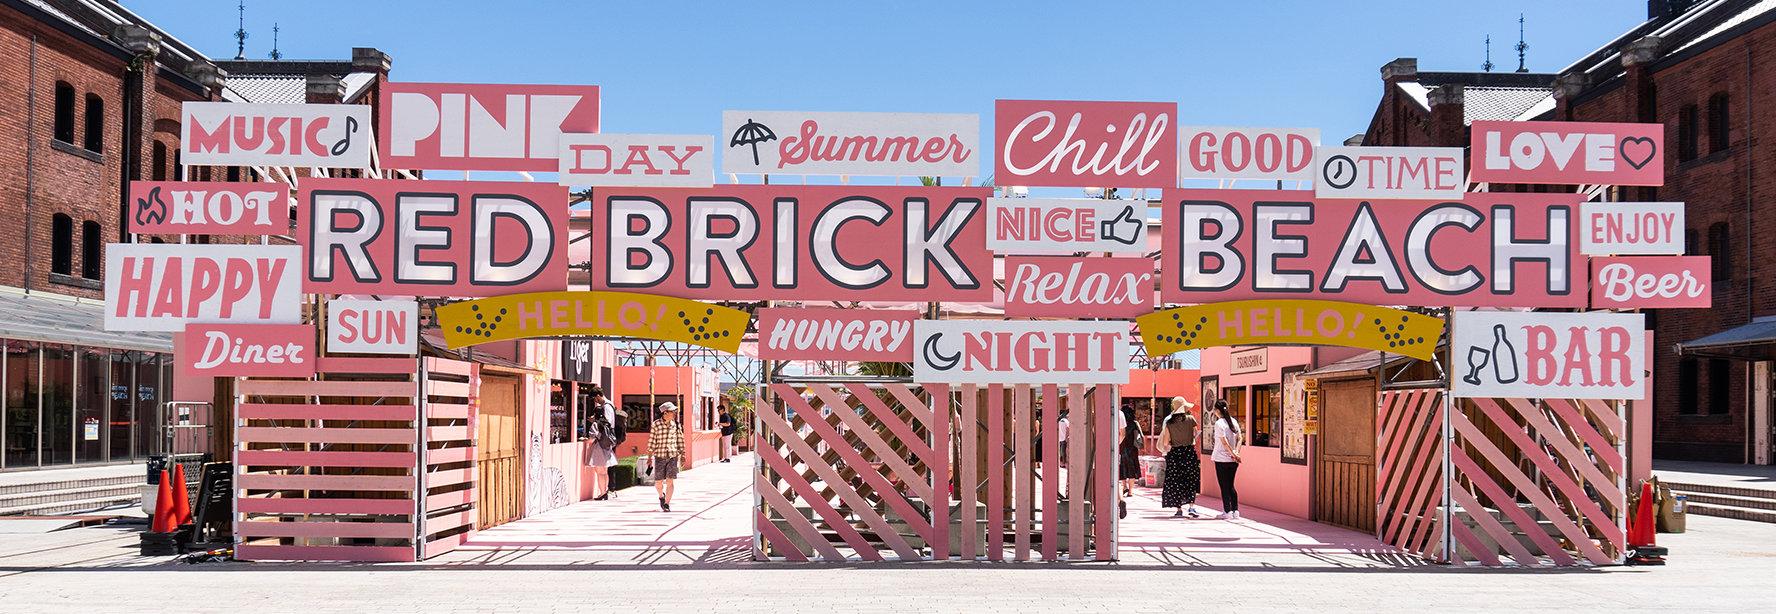 この写真は「レッドブリックビーチ」の入り口看板です